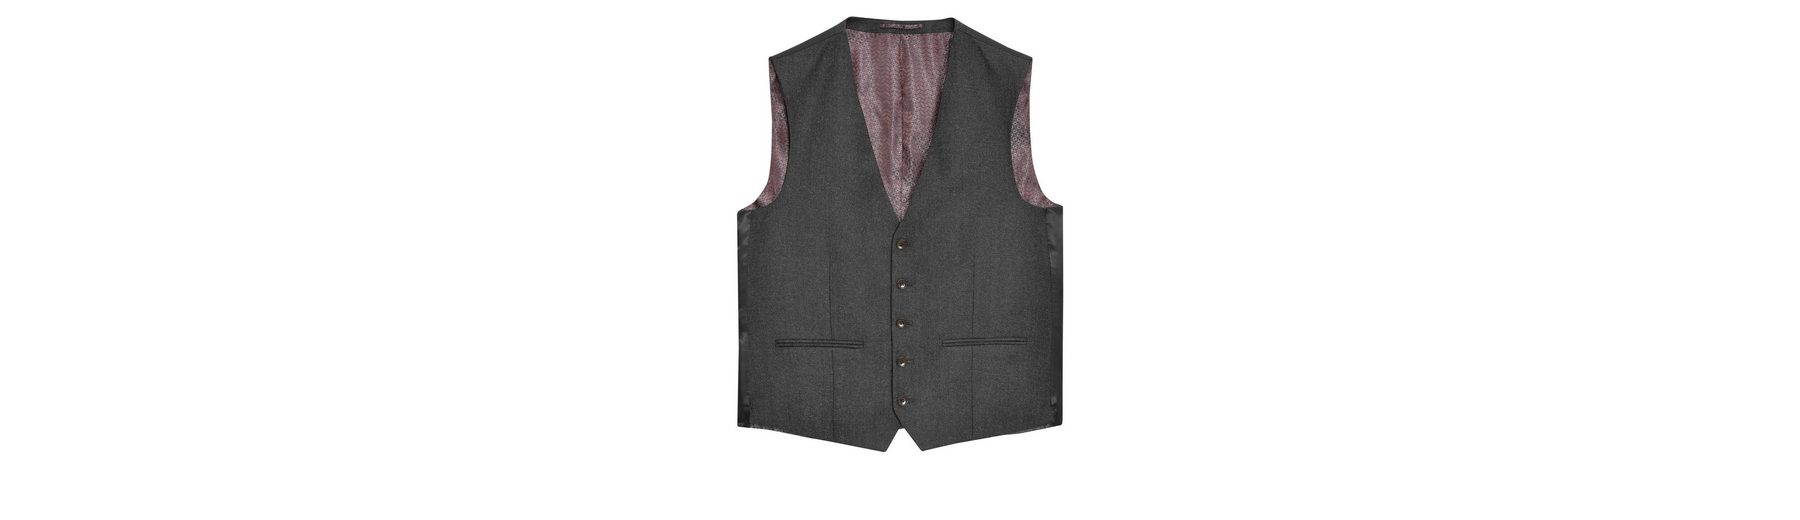 Next Strukturierter Anzug: Weste Billige Schnelle Lieferung hmnQJ